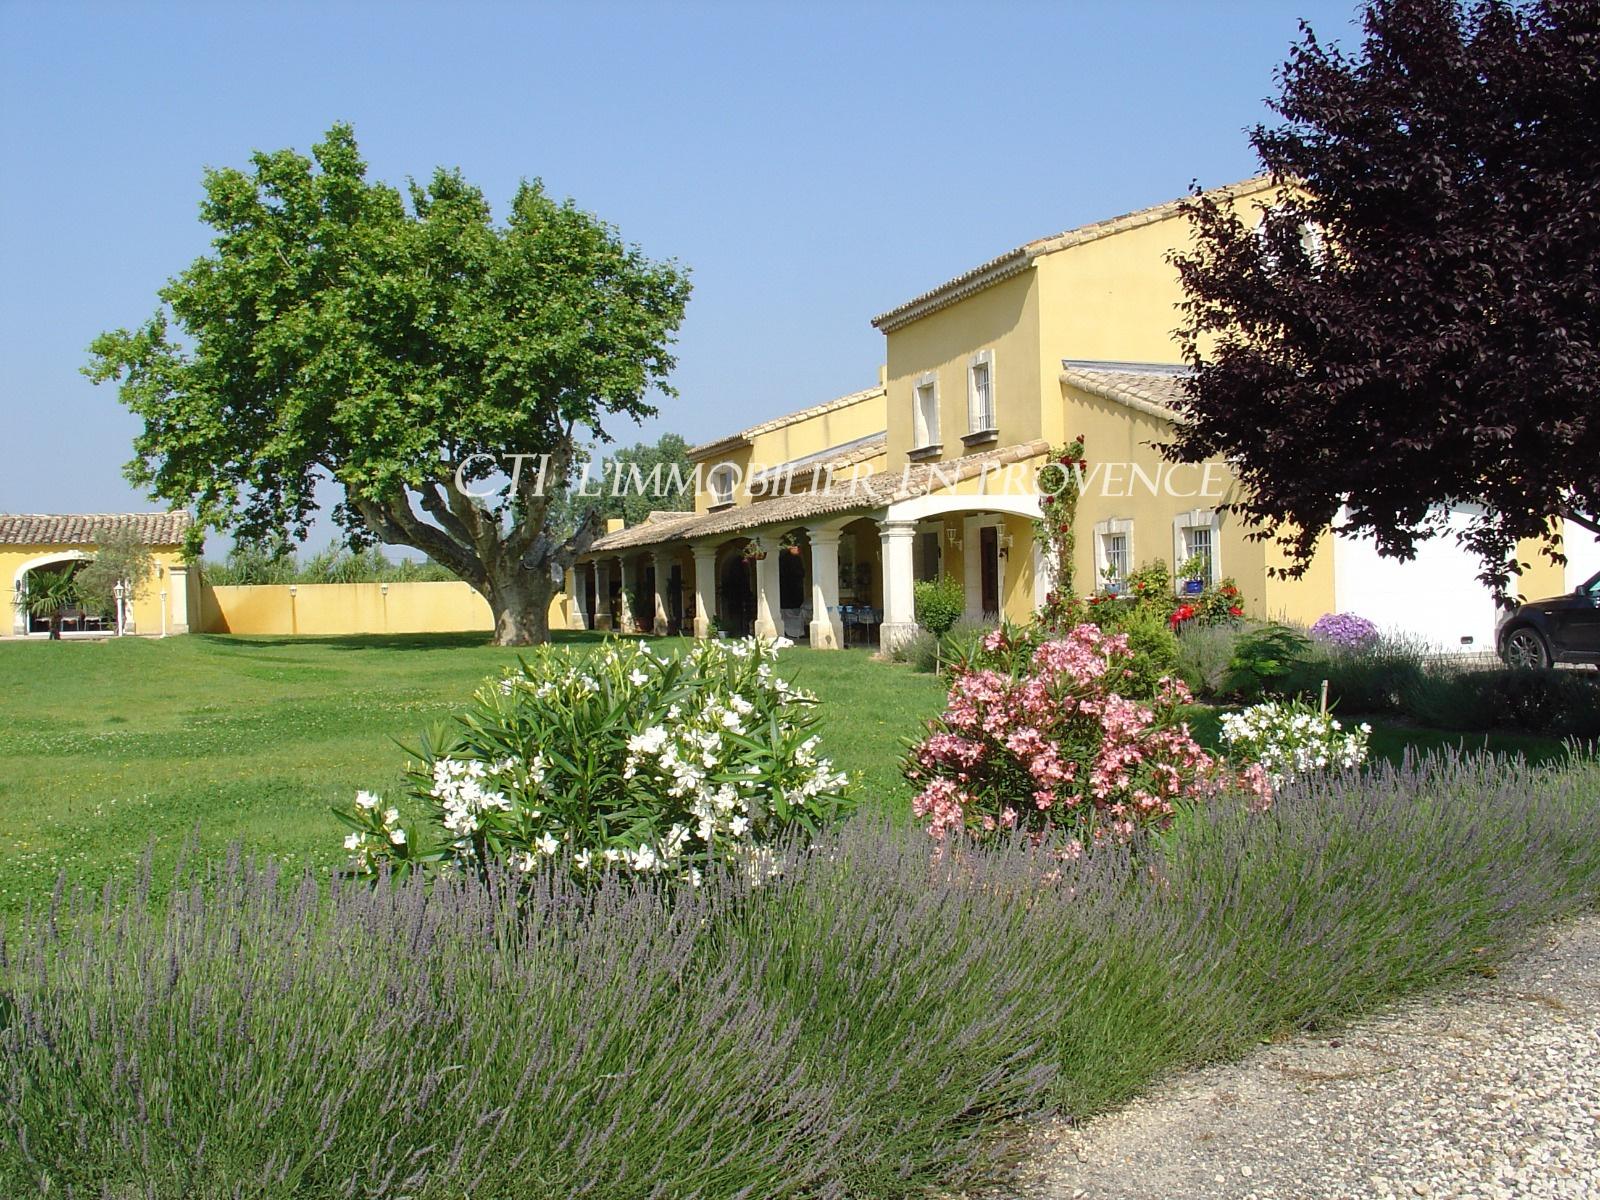 0 www.cti-provence.net, vente, proche Avignon,mas du 18ème restauré, beaux volumes, pa